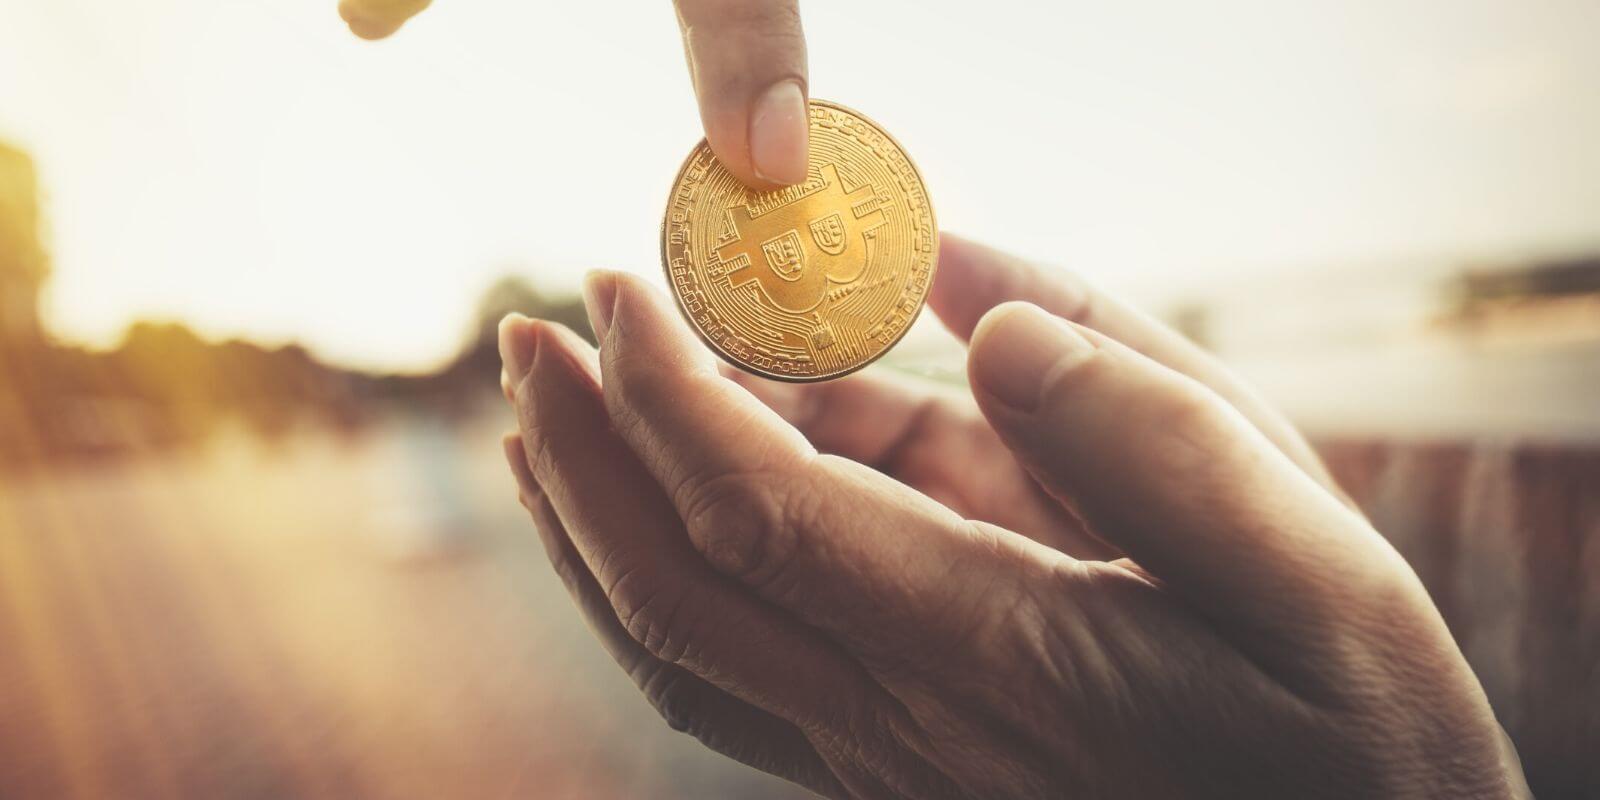 UNICEF - Comment faire un don en crypto-monnaies ?